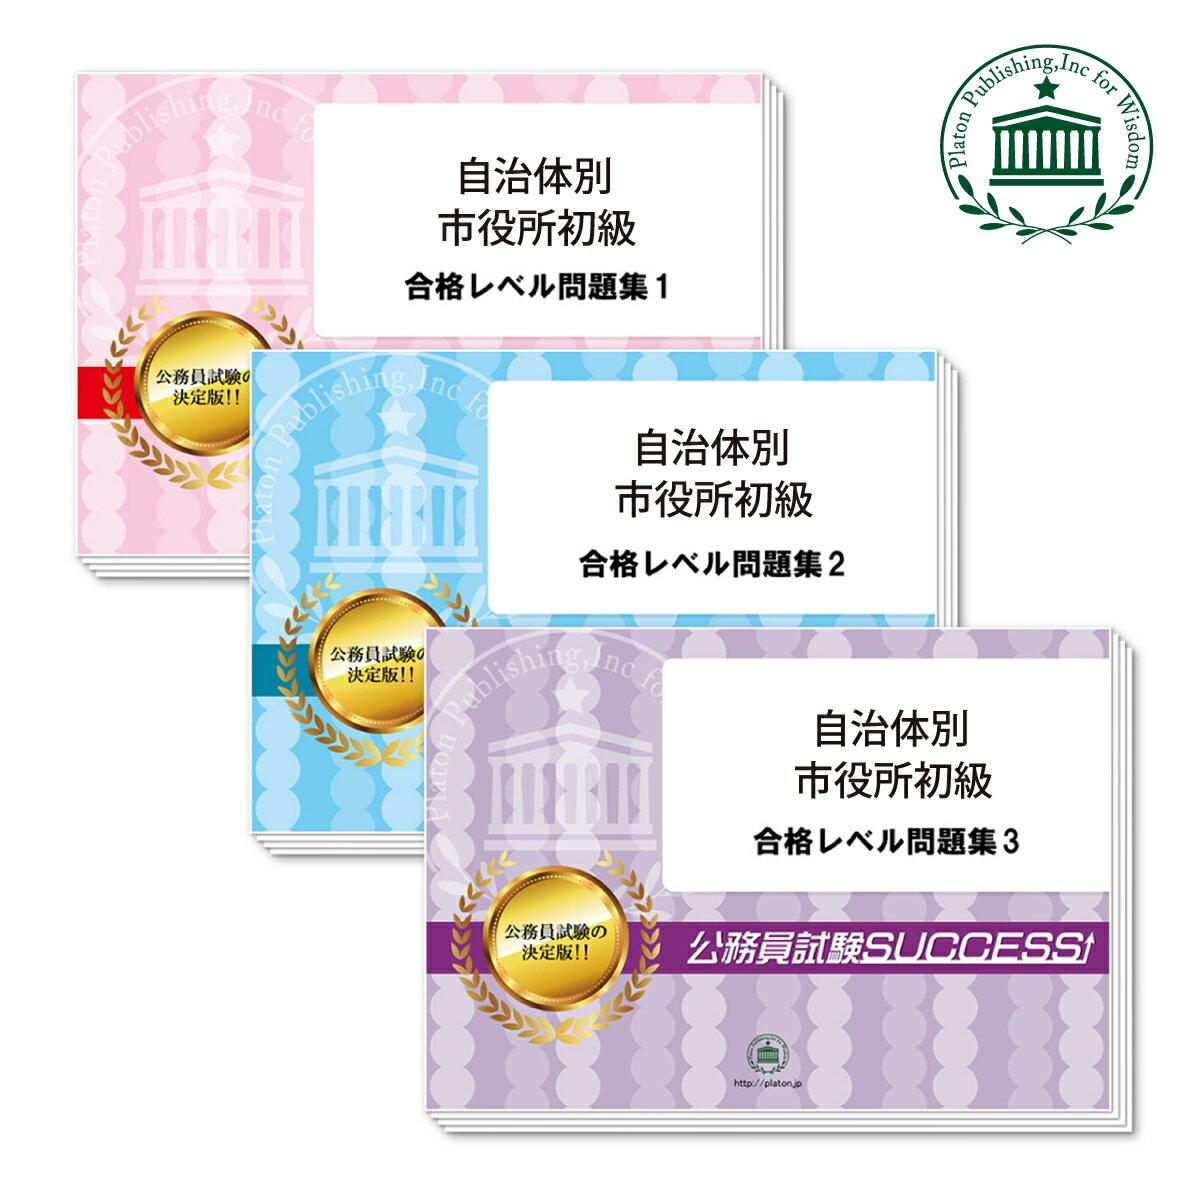 【送料・代引手数料無料】桐生市職員採用(初級)教養試験合格セット